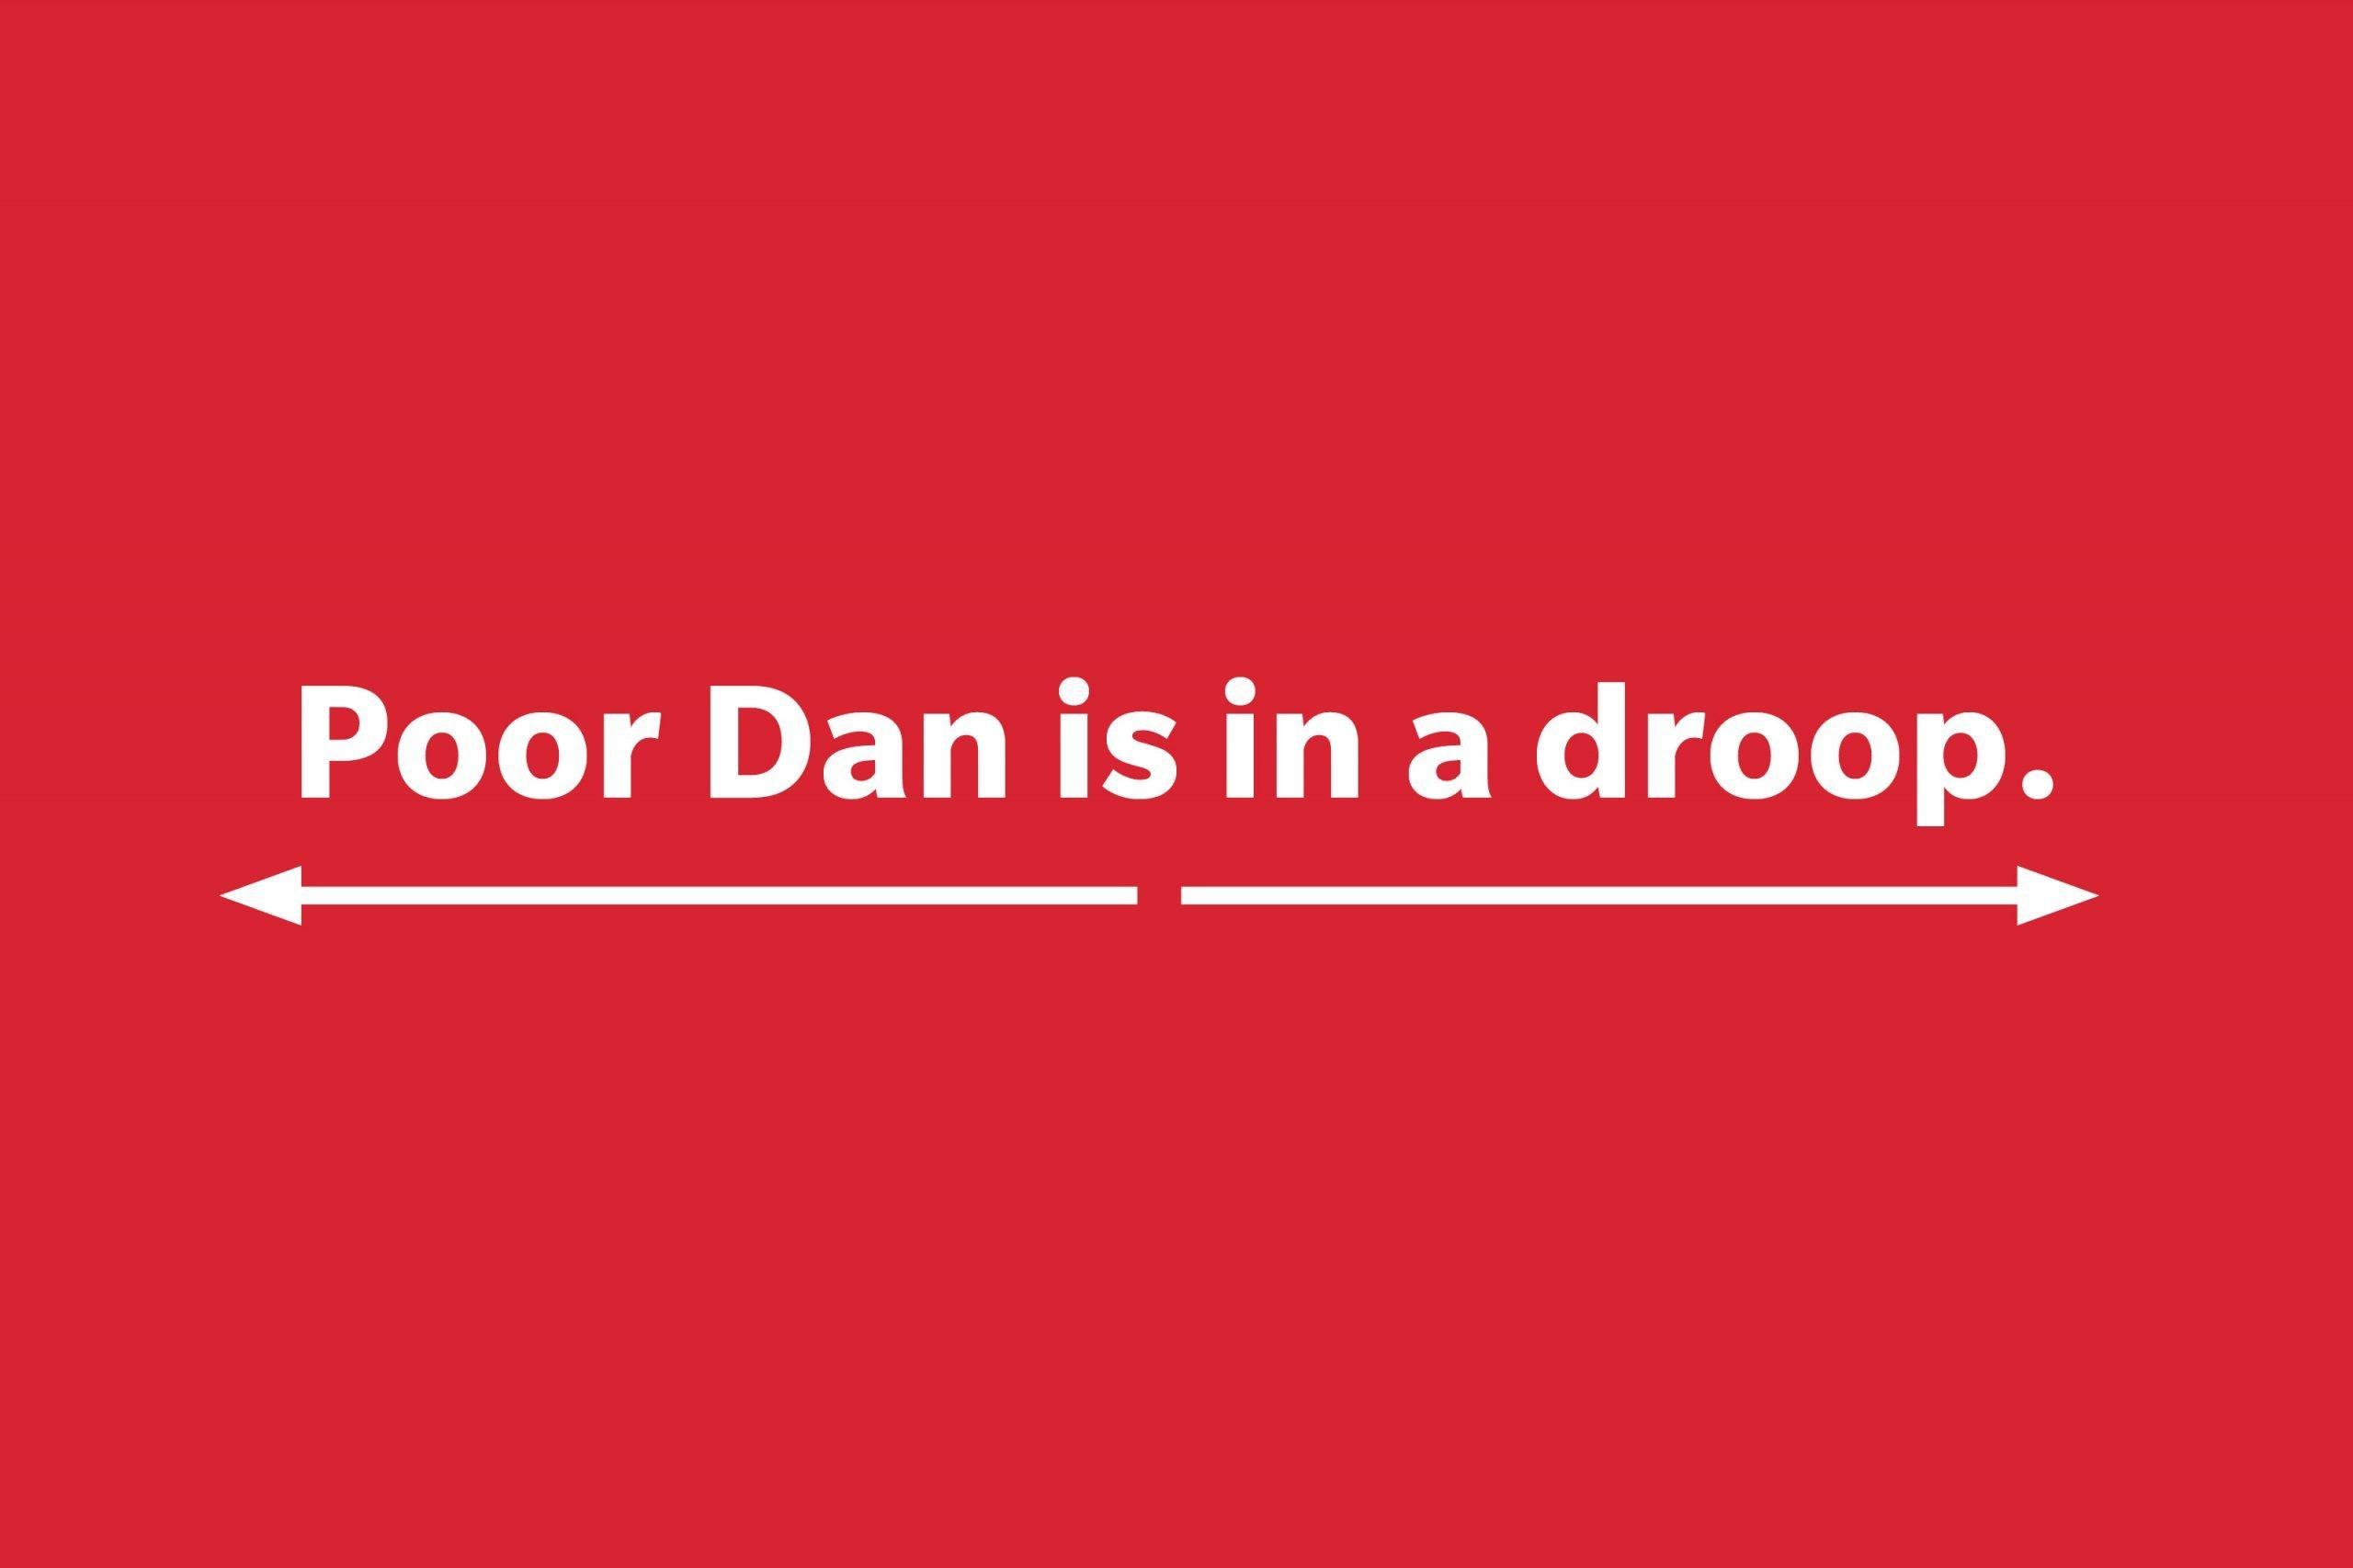 Poor Dan is in a droop